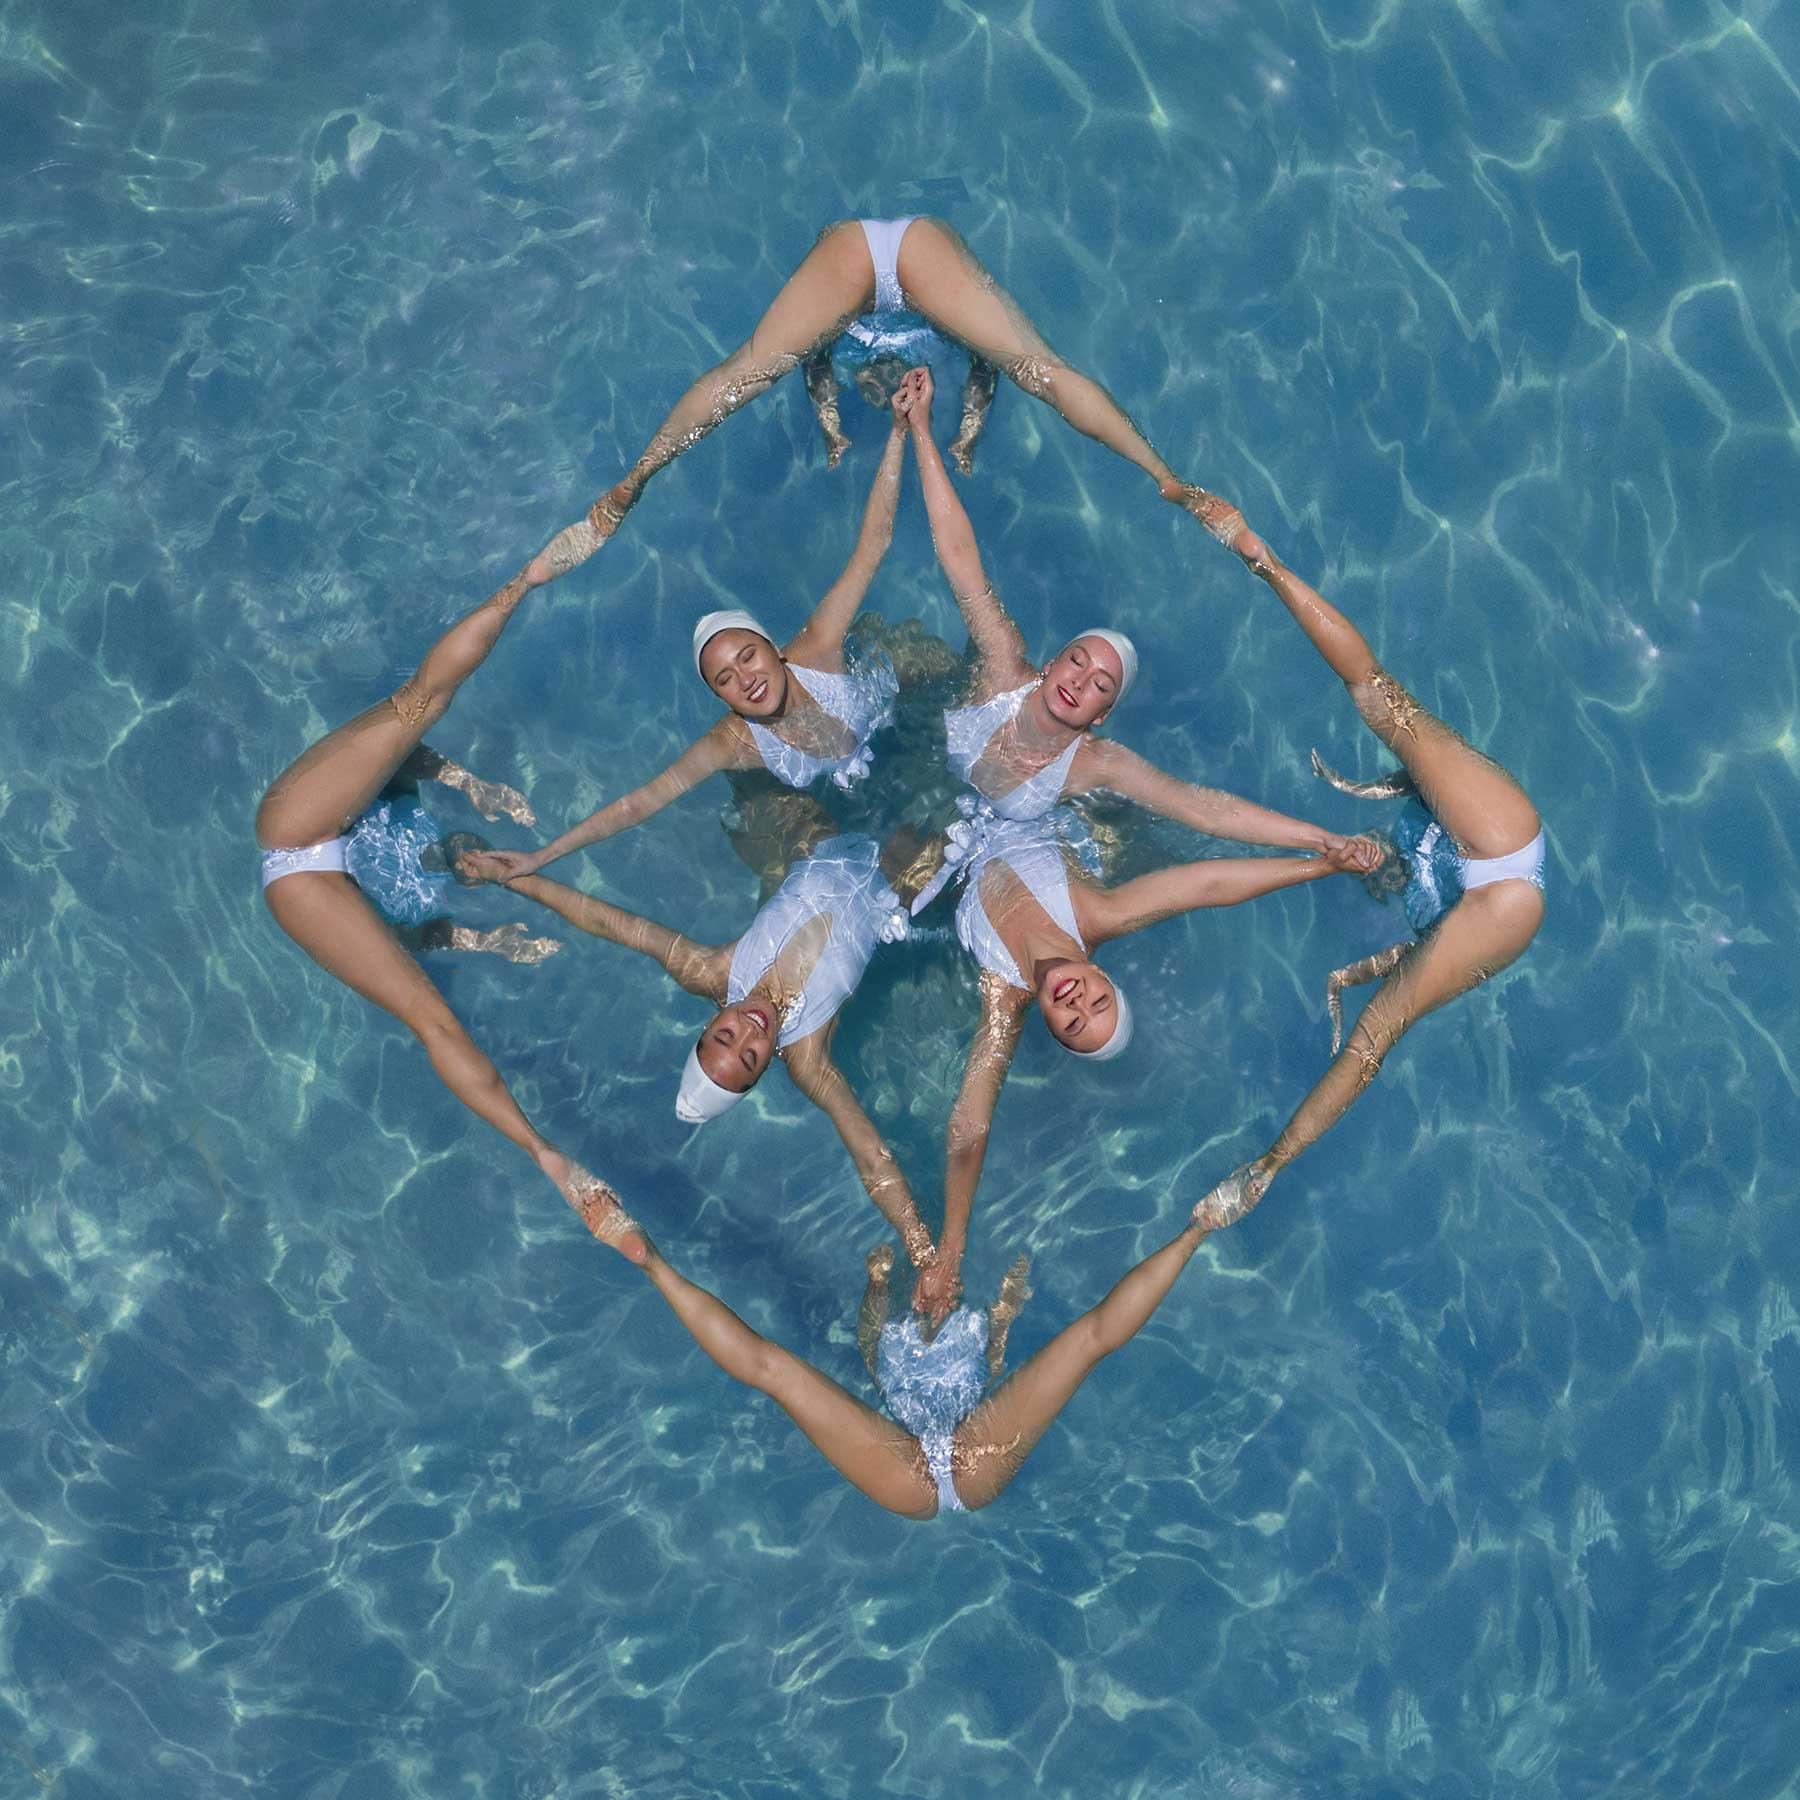 Synchronschwimmen-Luftaufnahmen von Brad Walls Water-Geomaids-Brad-Walls_04